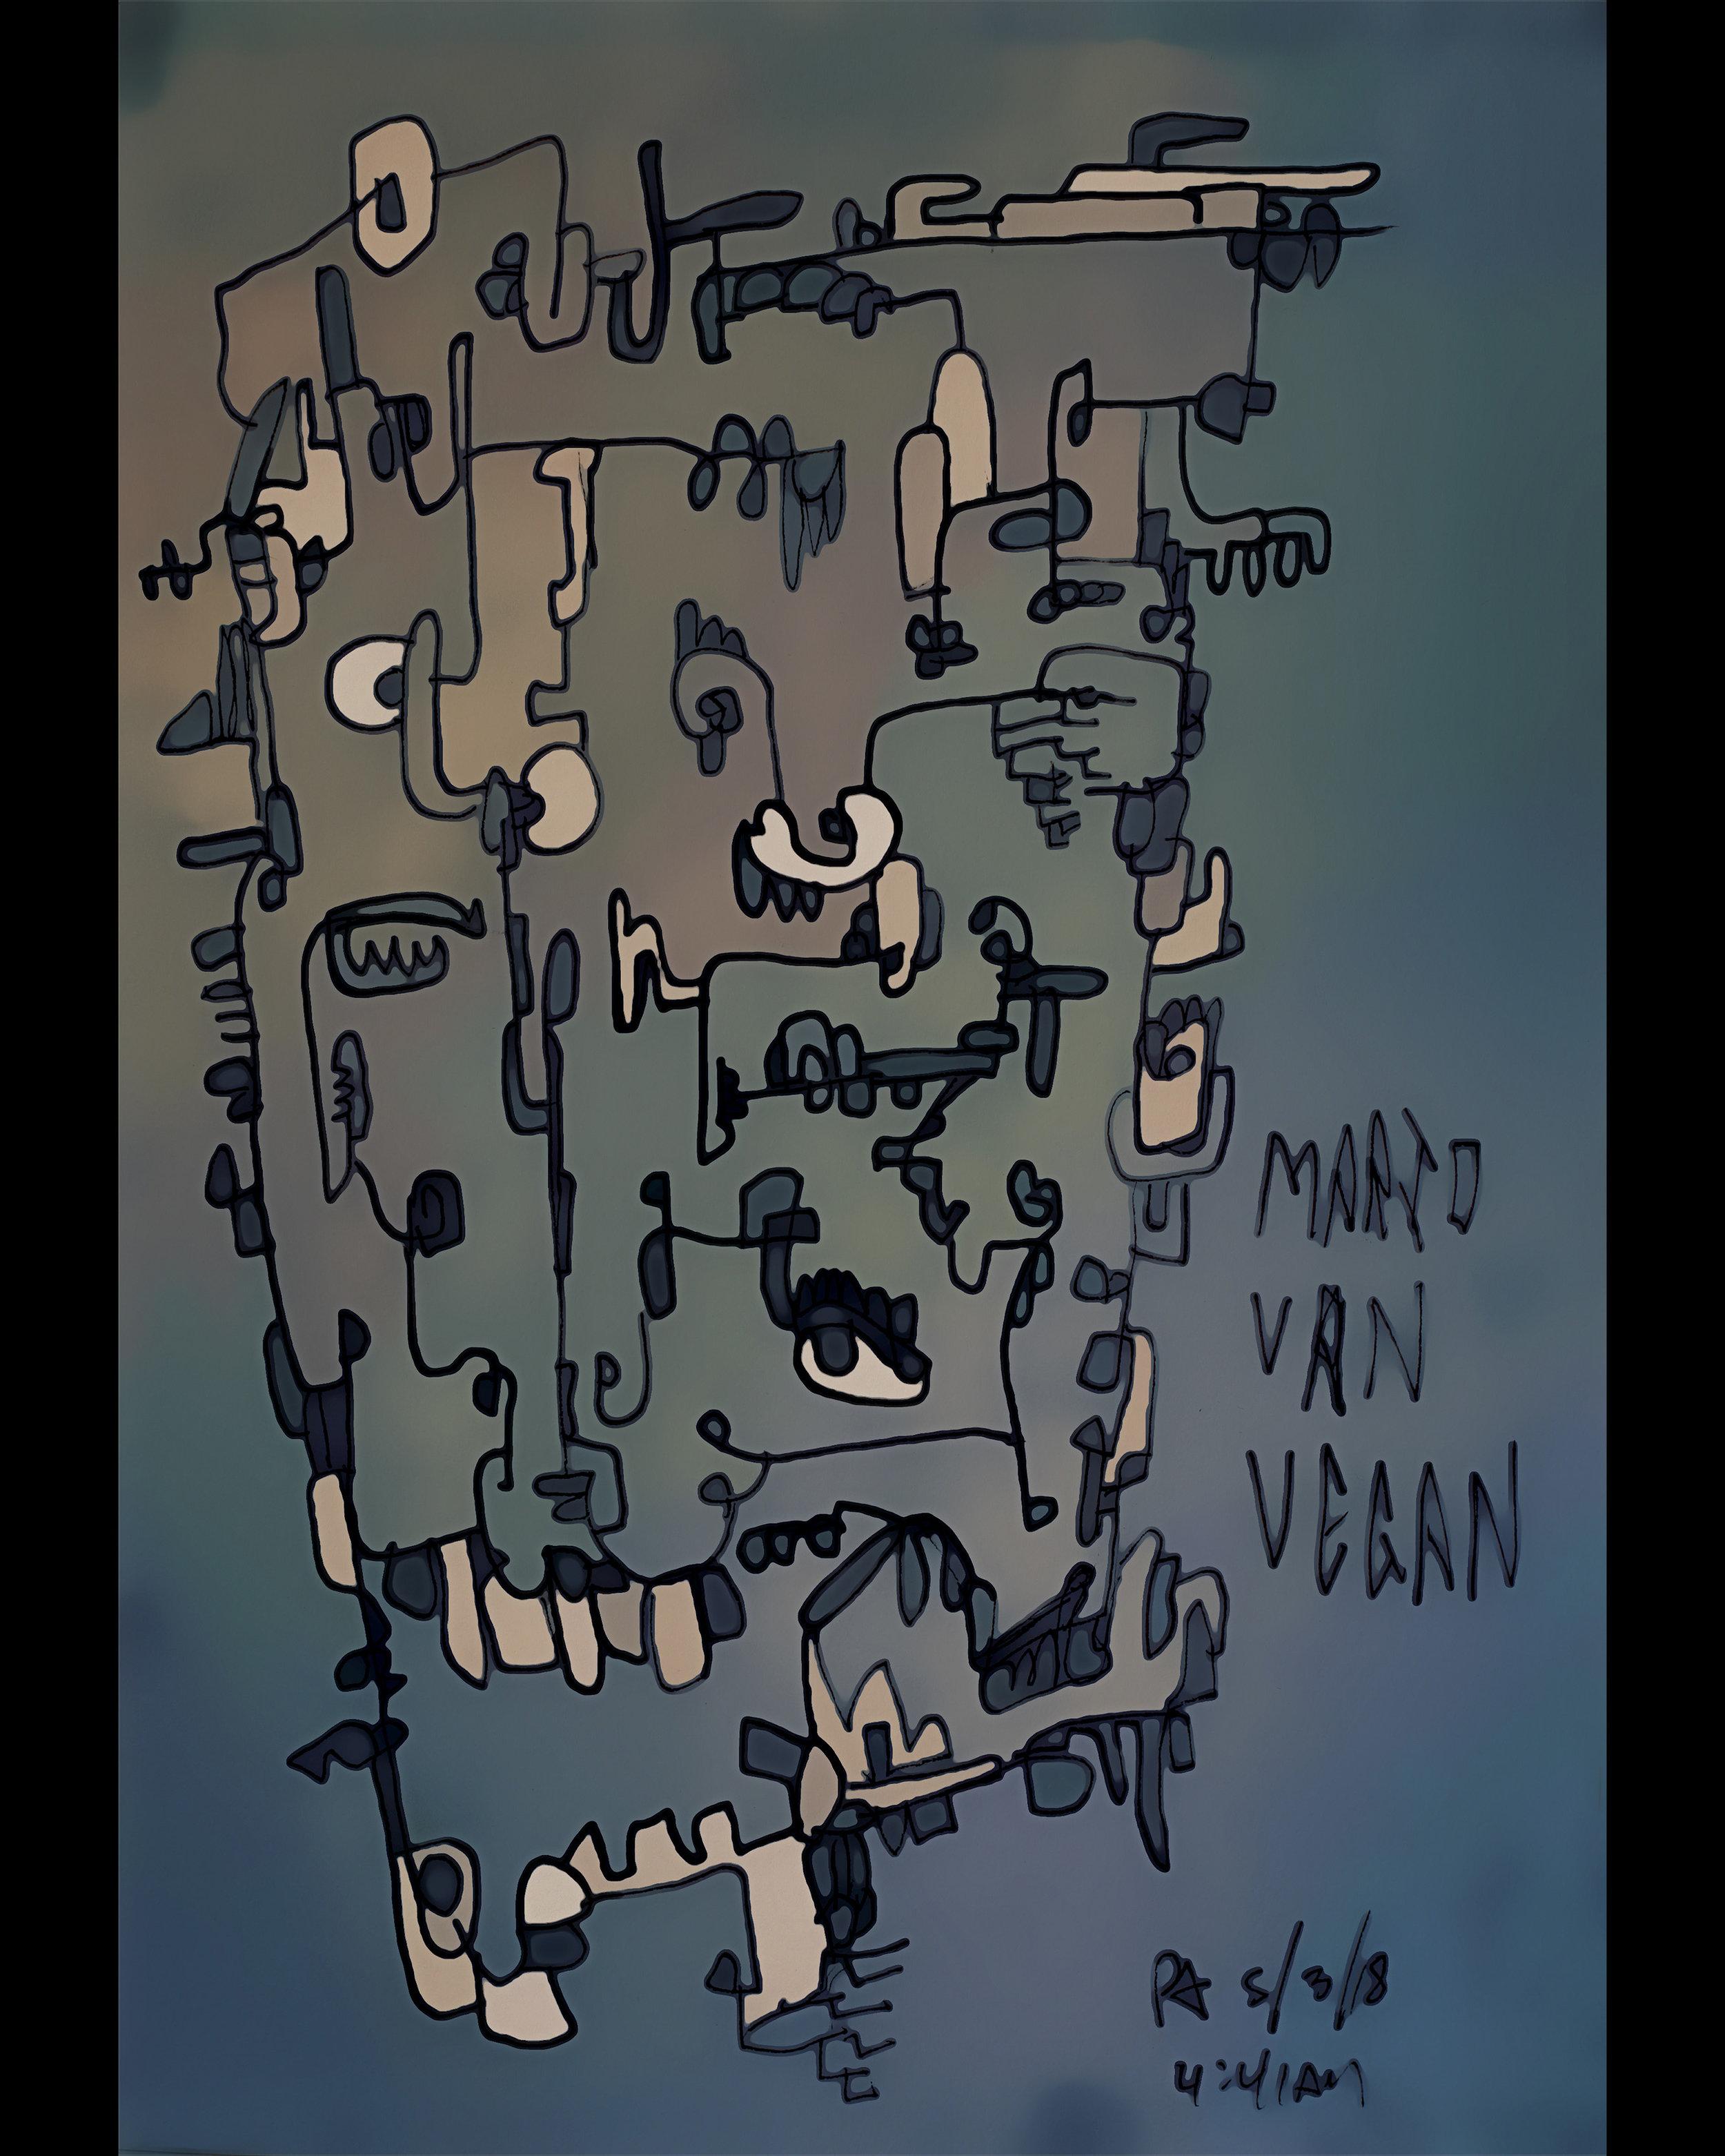 MARIO VAN VEGAN